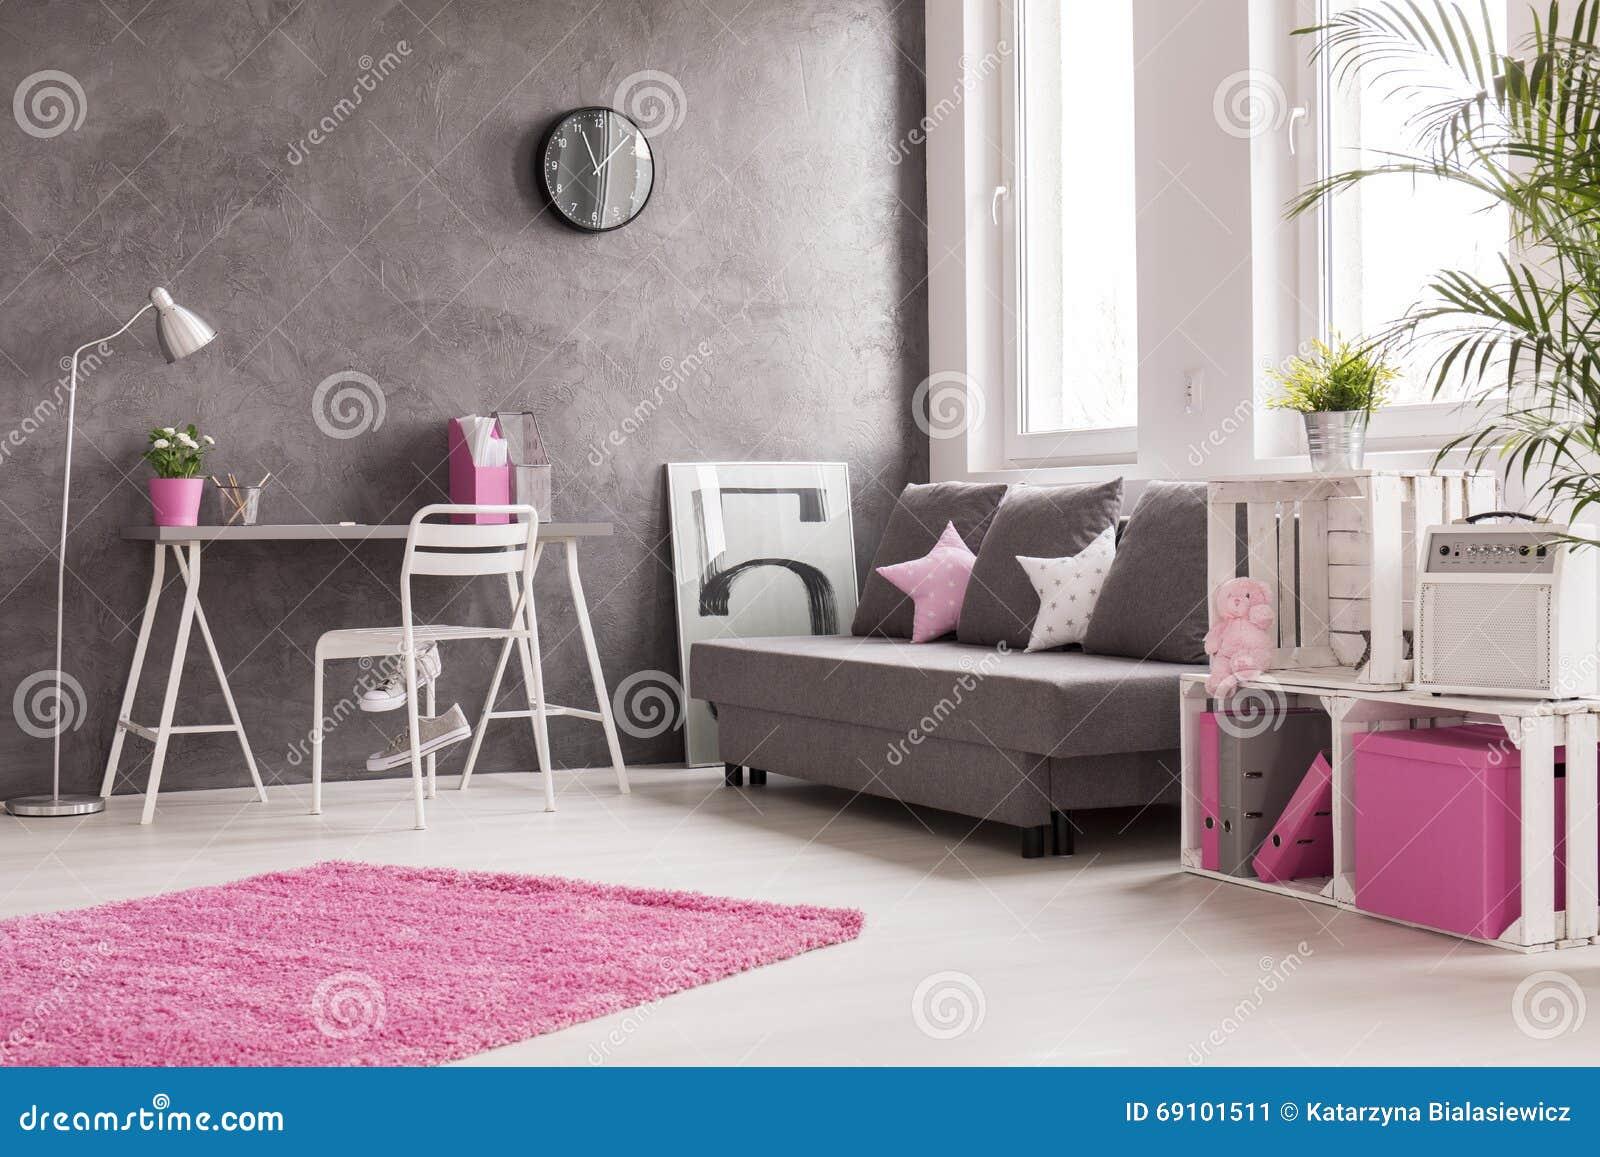 Grijze woonkamer met roze en witte details stock Grijze woonkamer